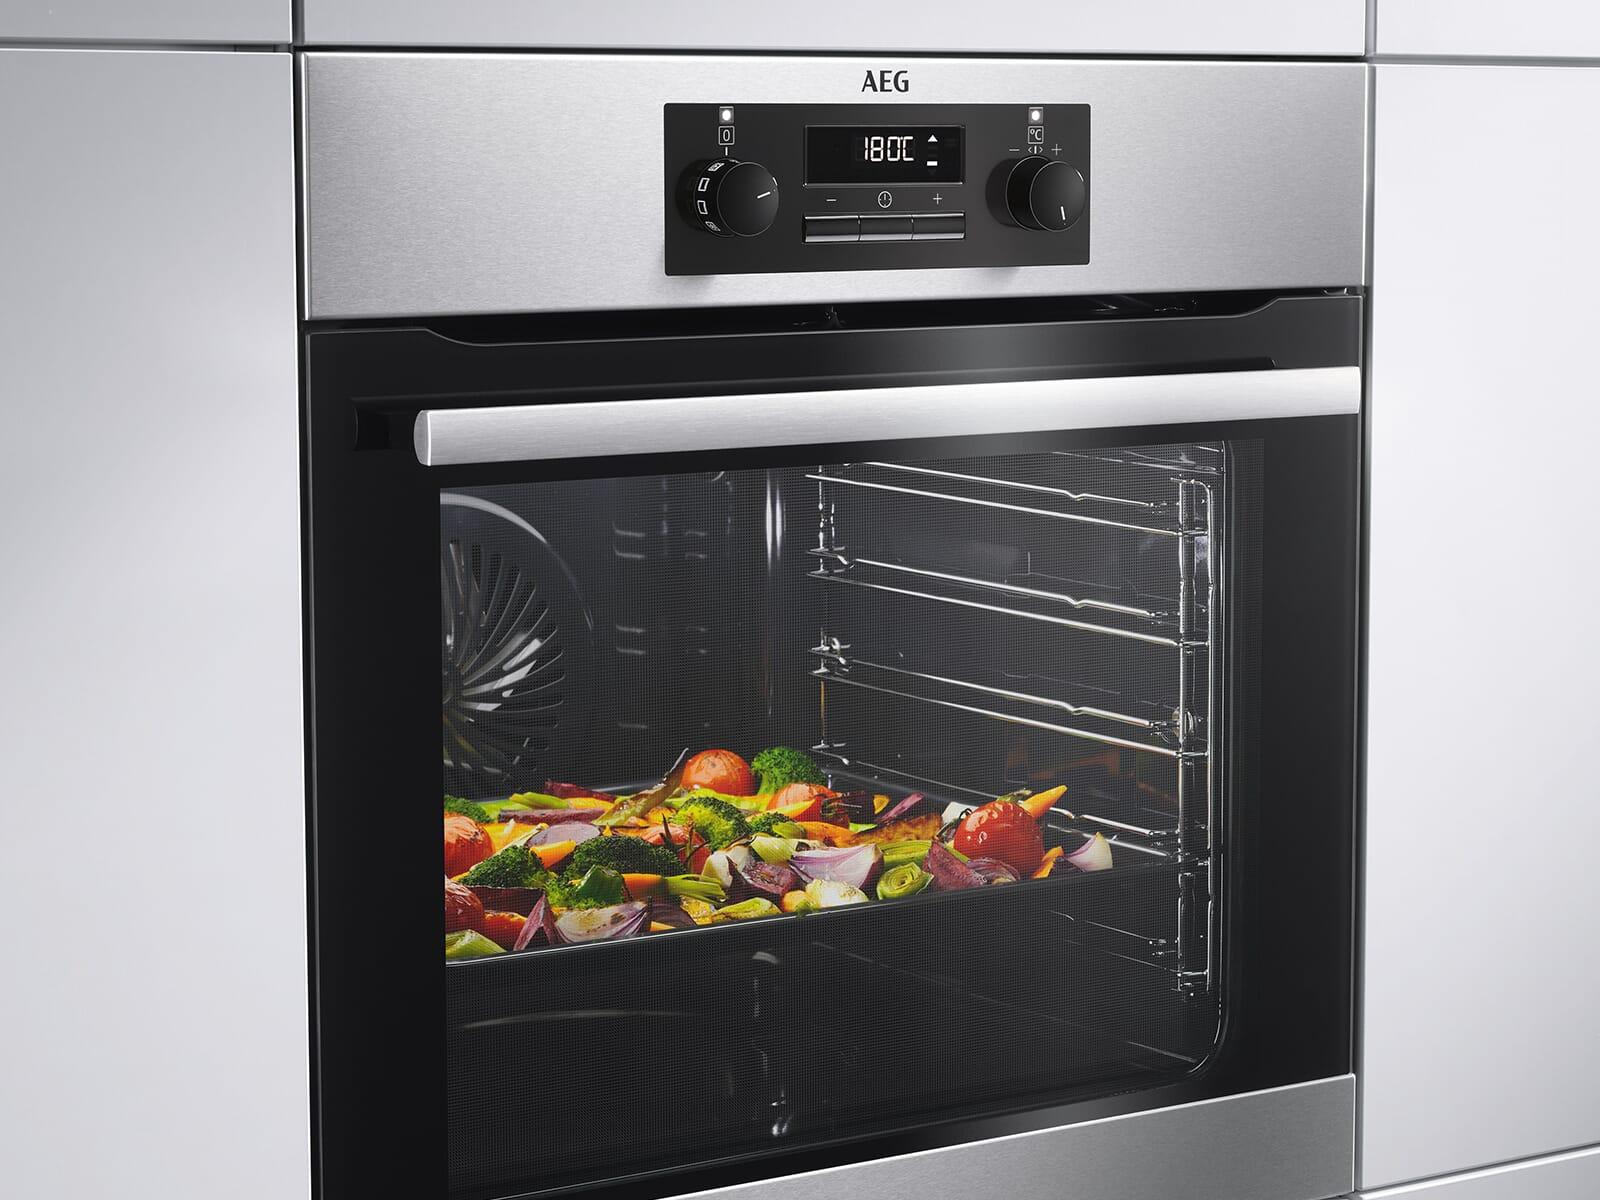 Aeg Kühlschrank French Door : Aeg kühlschrank french door: kühlschränke mit & ohne gefrierfach bei